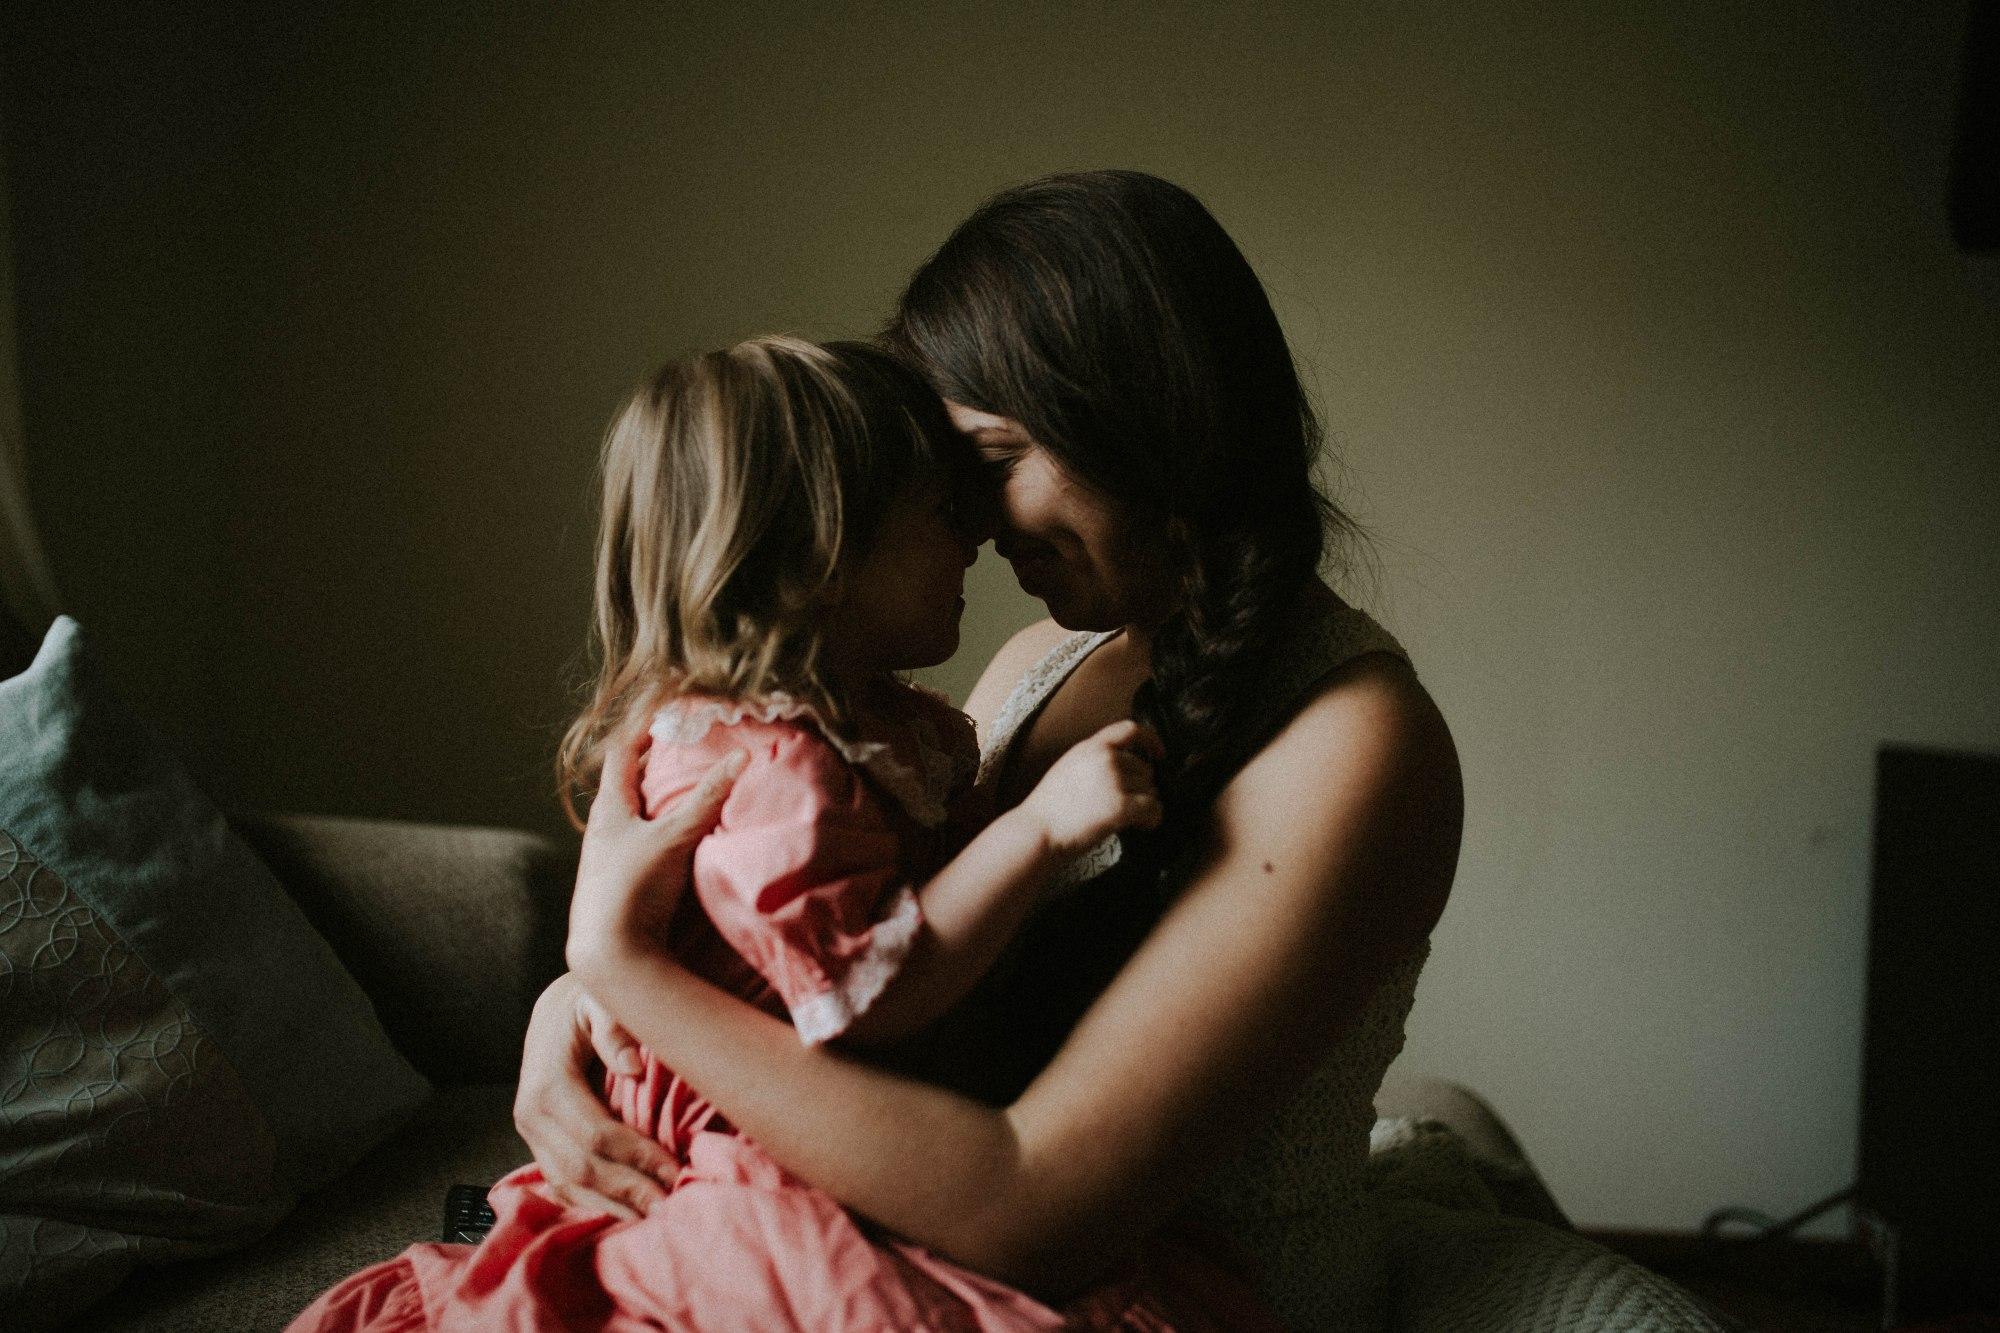 67Chicago familyand newborn photography (1 of 1)